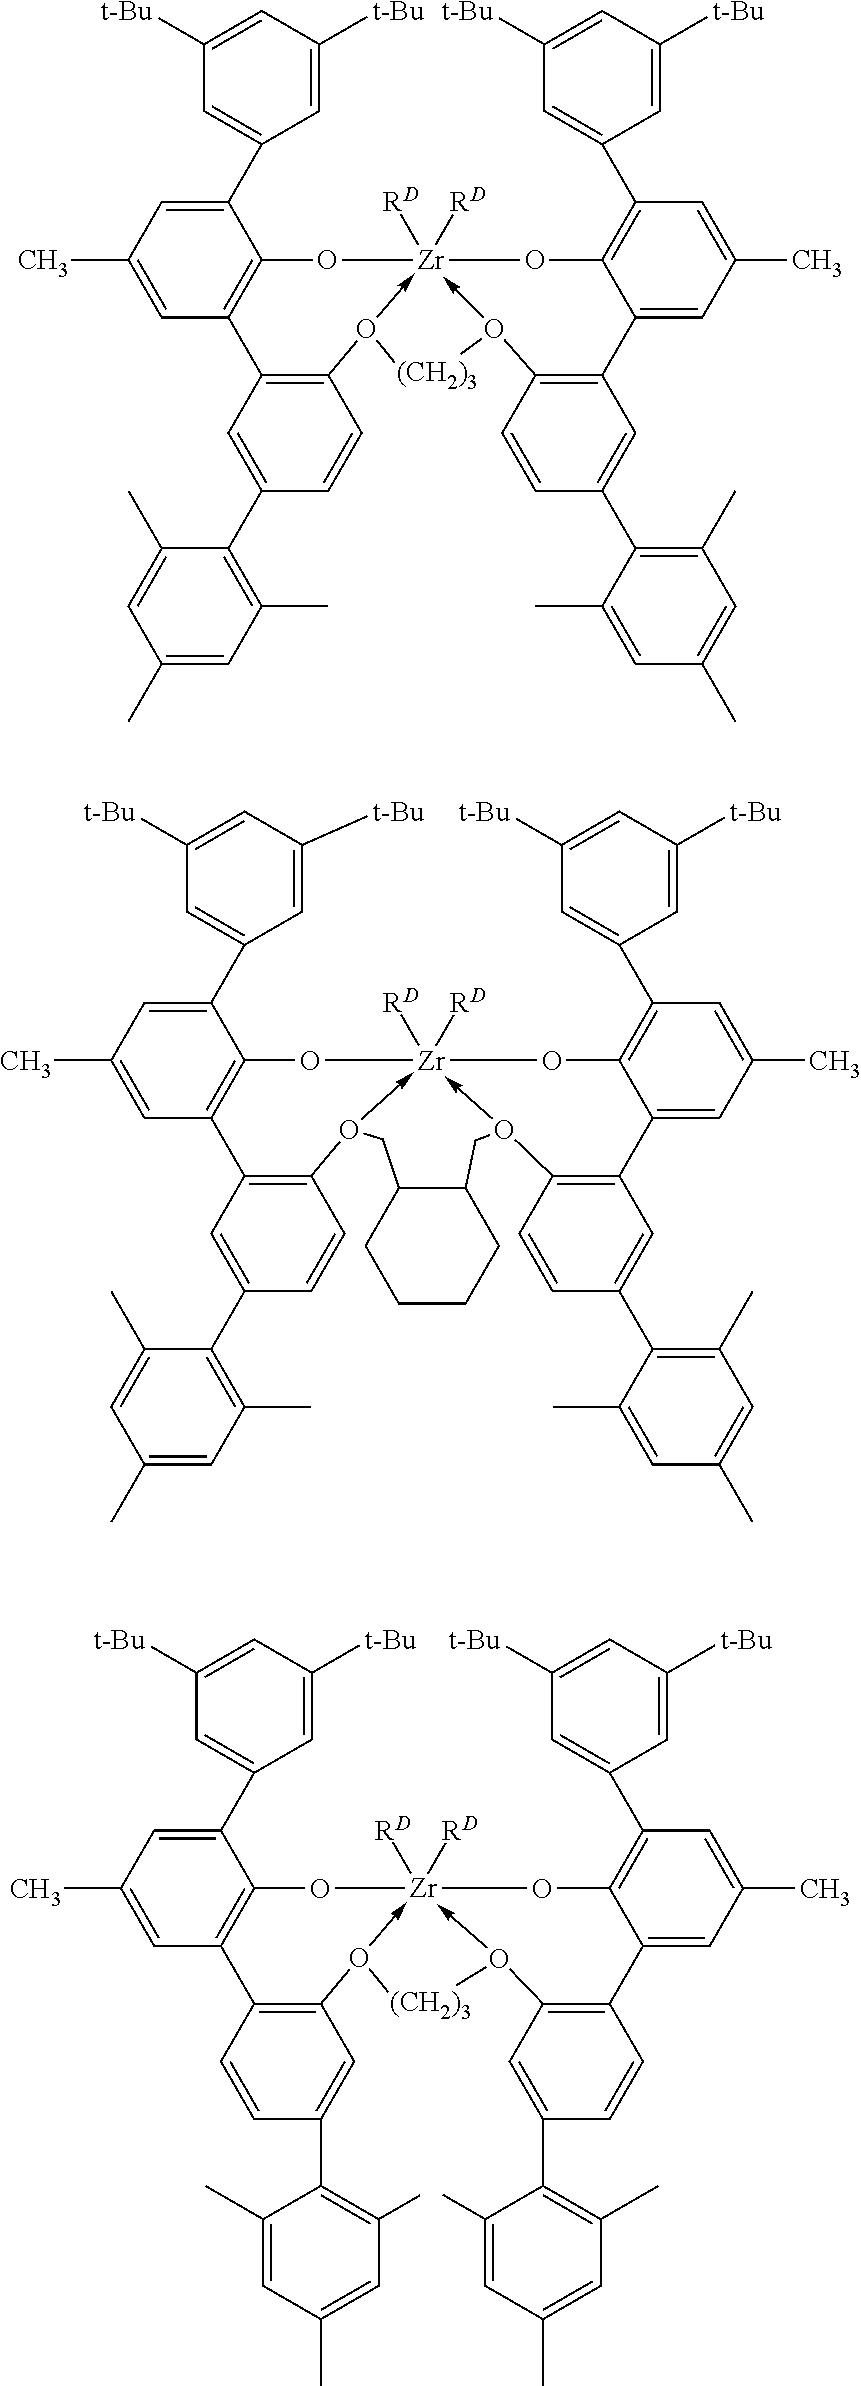 Figure US20120108770A1-20120503-C00007